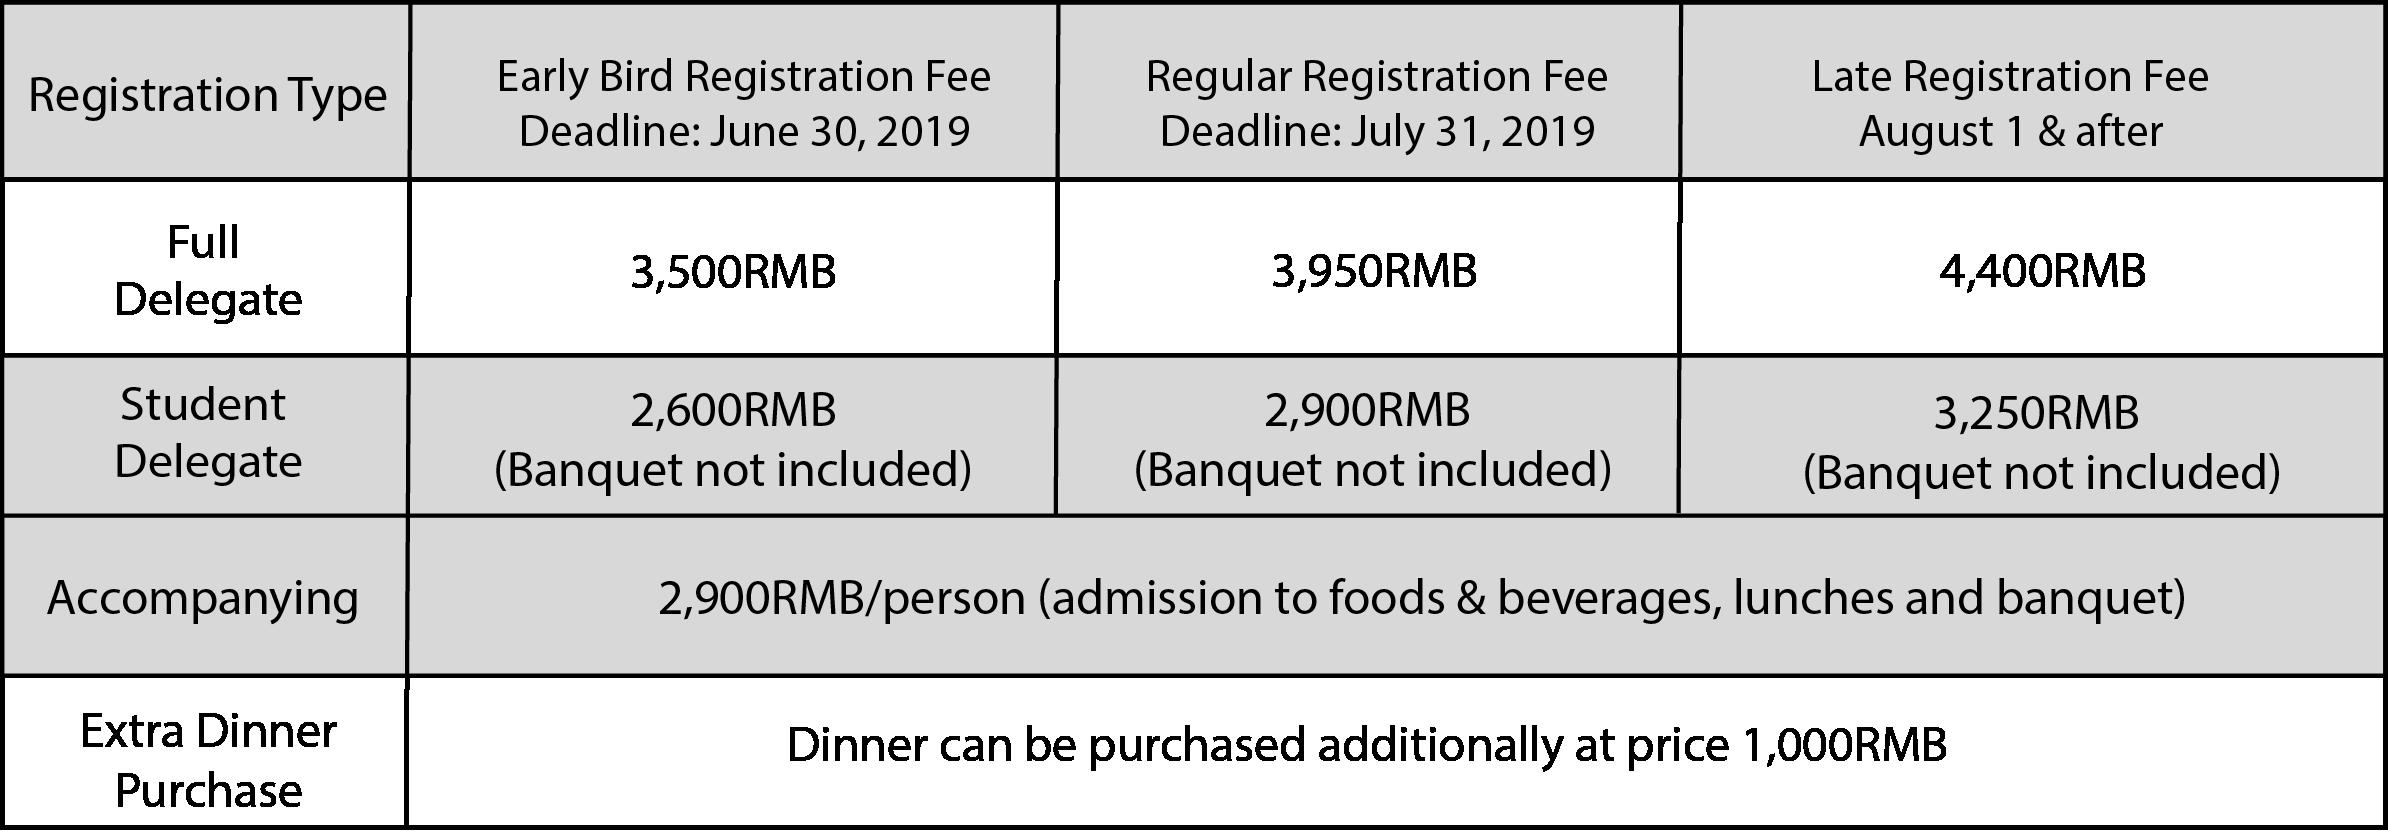 Registration Fee RMB